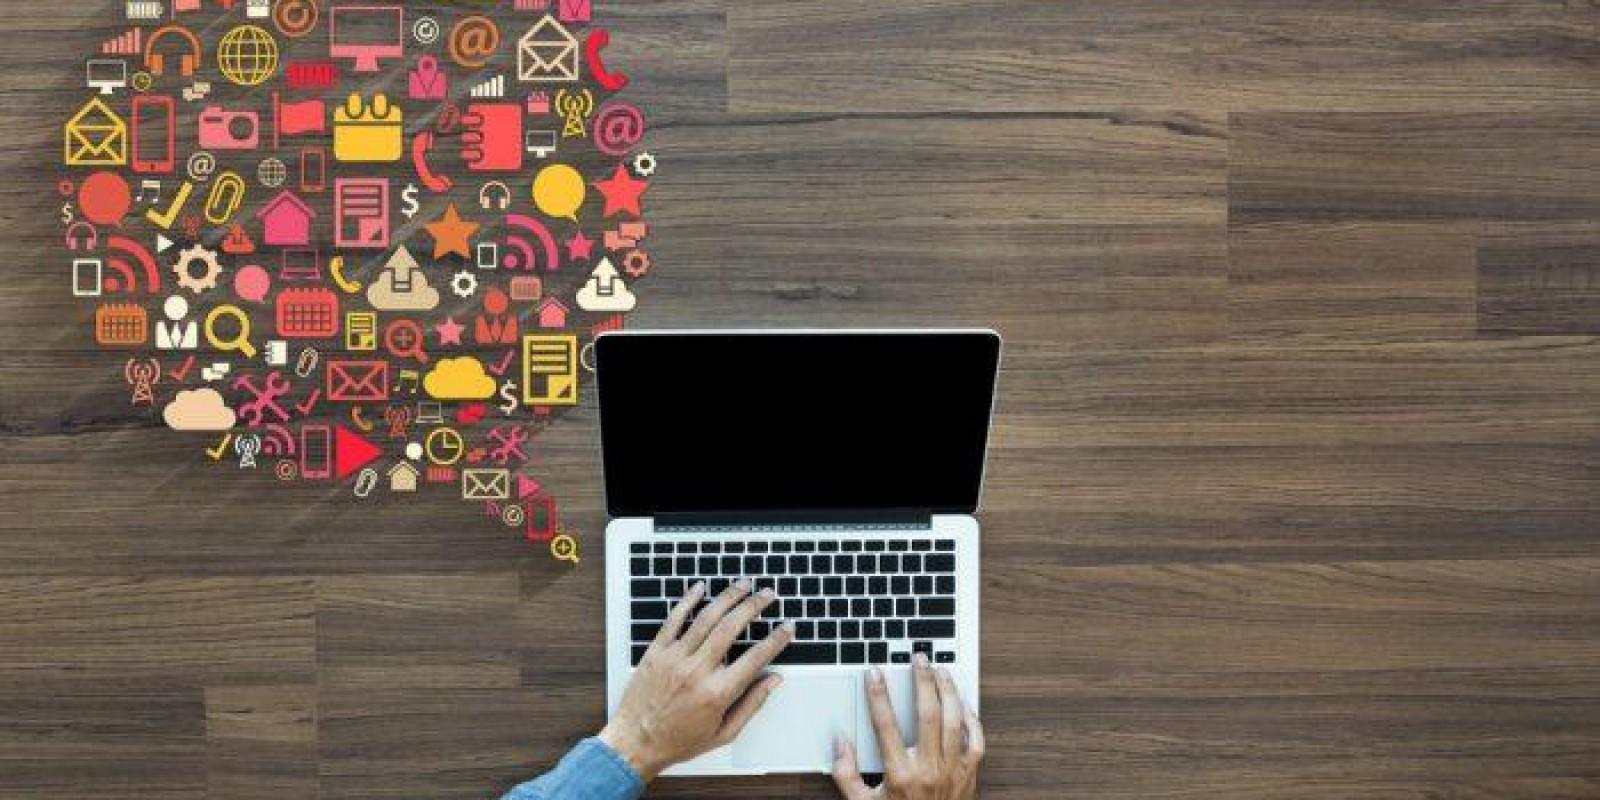 Dicas de Marketing Digital: as 15 melhores para você aplicar em 2019